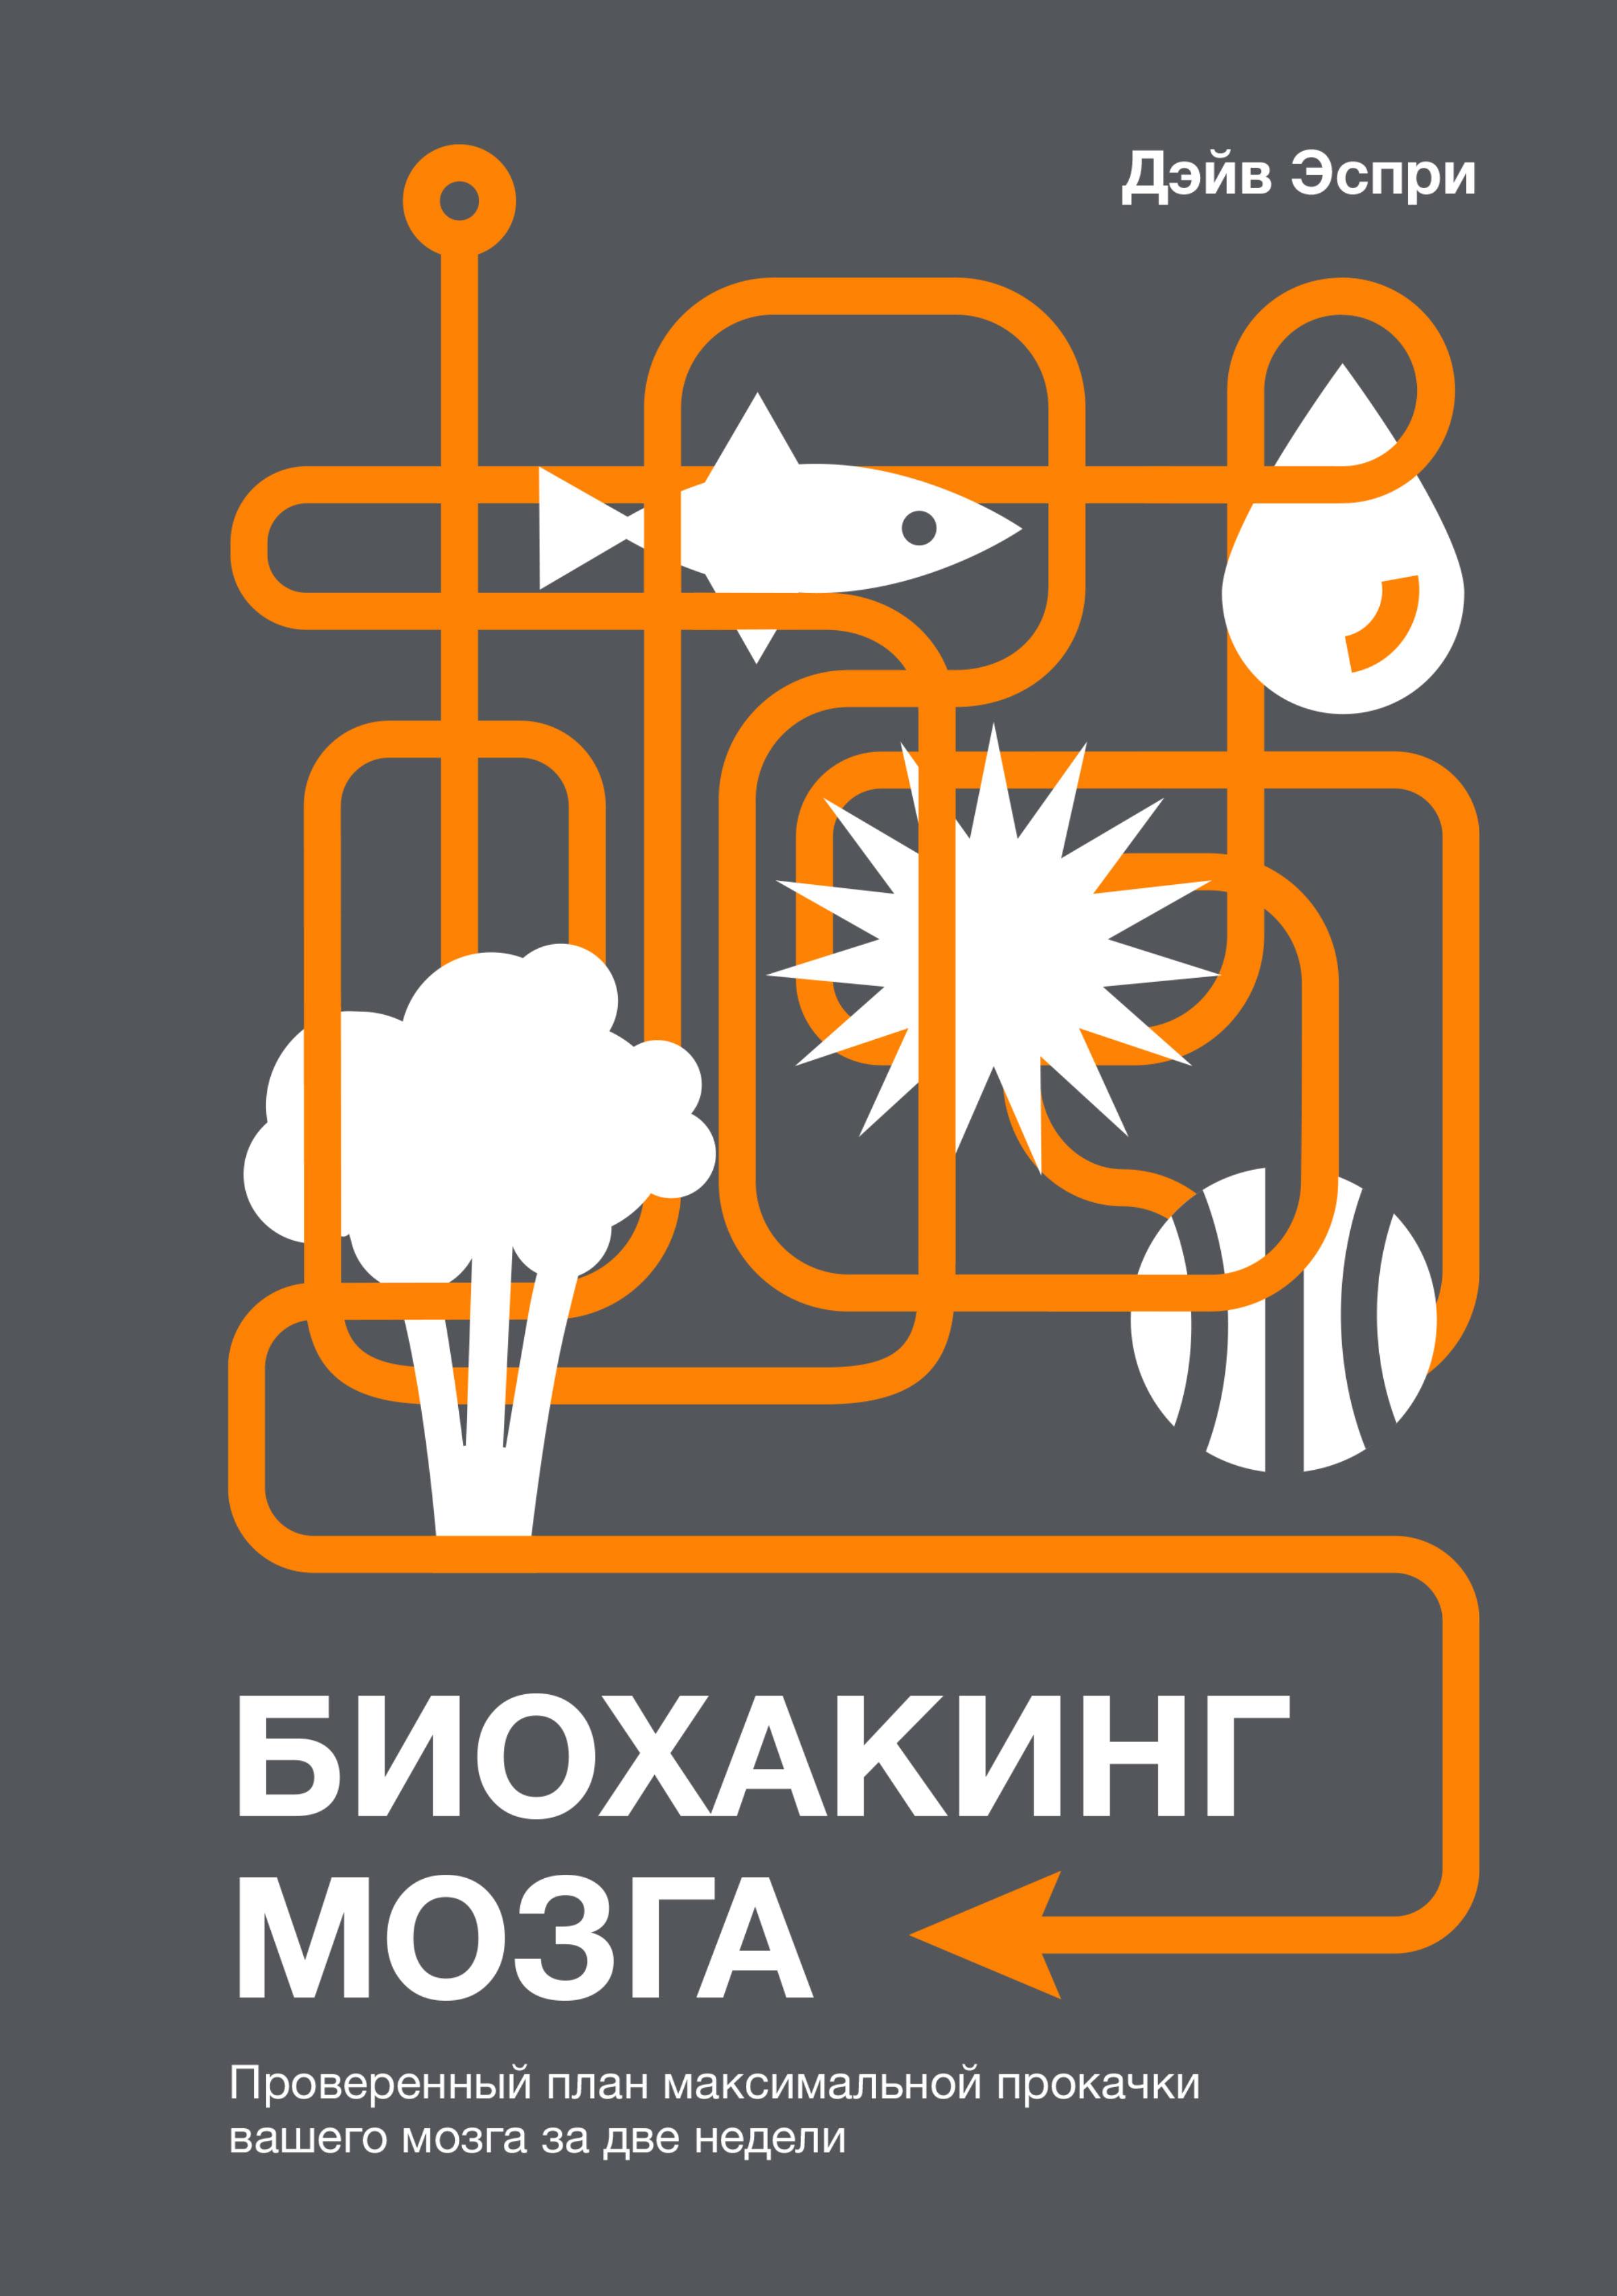 Дэйв Эспри «Биохакинг мозга. Проверенный план максимальной прокачки вашего мозга за две недели»